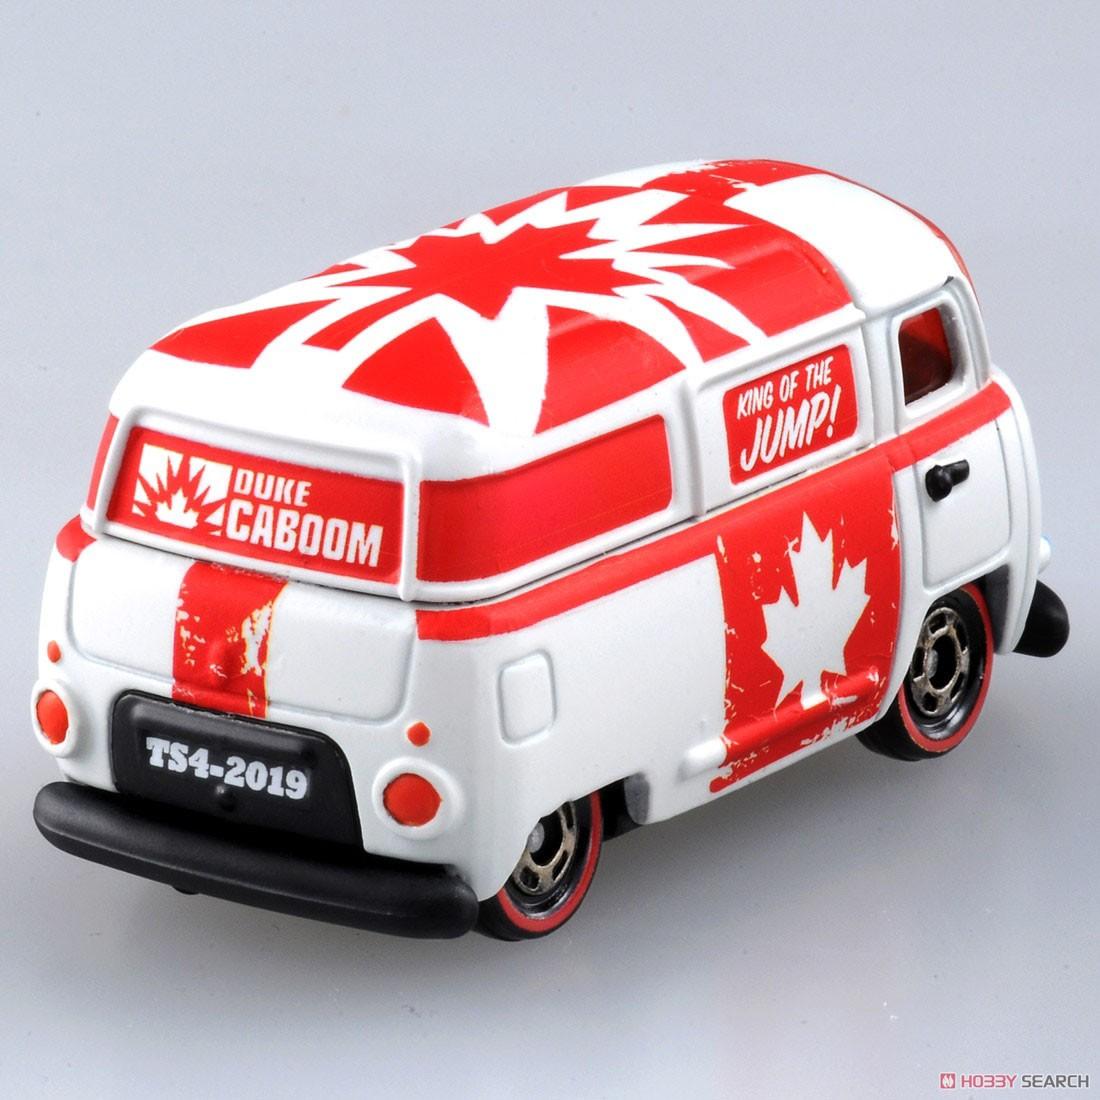 大賀屋 日貨 卡蹦 公爵 巴士 多美 Tomica 多美小汽車 合金車 玩具車 玩具總動員4 正版 L00011279